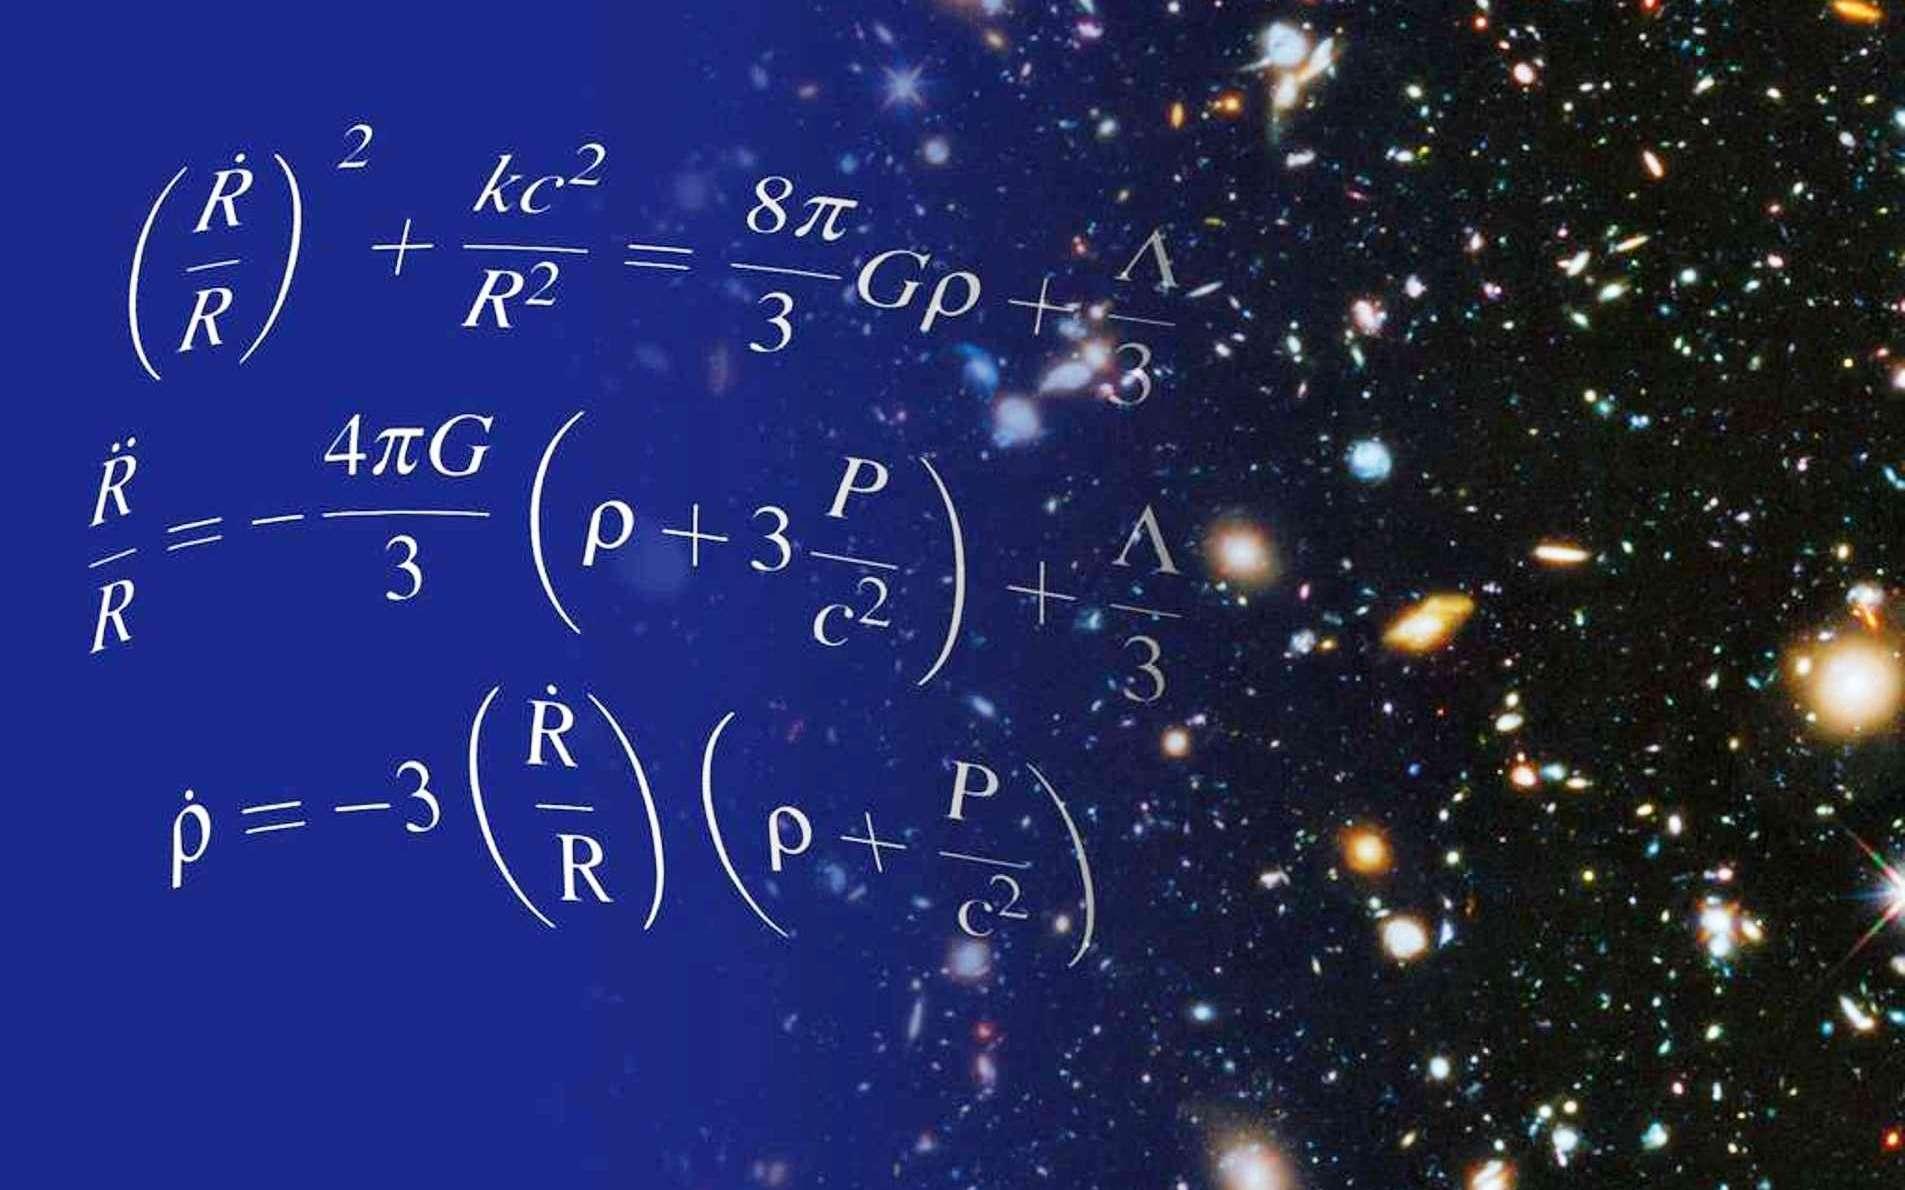 Les équations de la cosmologie relativiste posent des questions en rapport avec l'origine de l'expansion accélérée du cosmos observable. © Nasa, Shane Larson